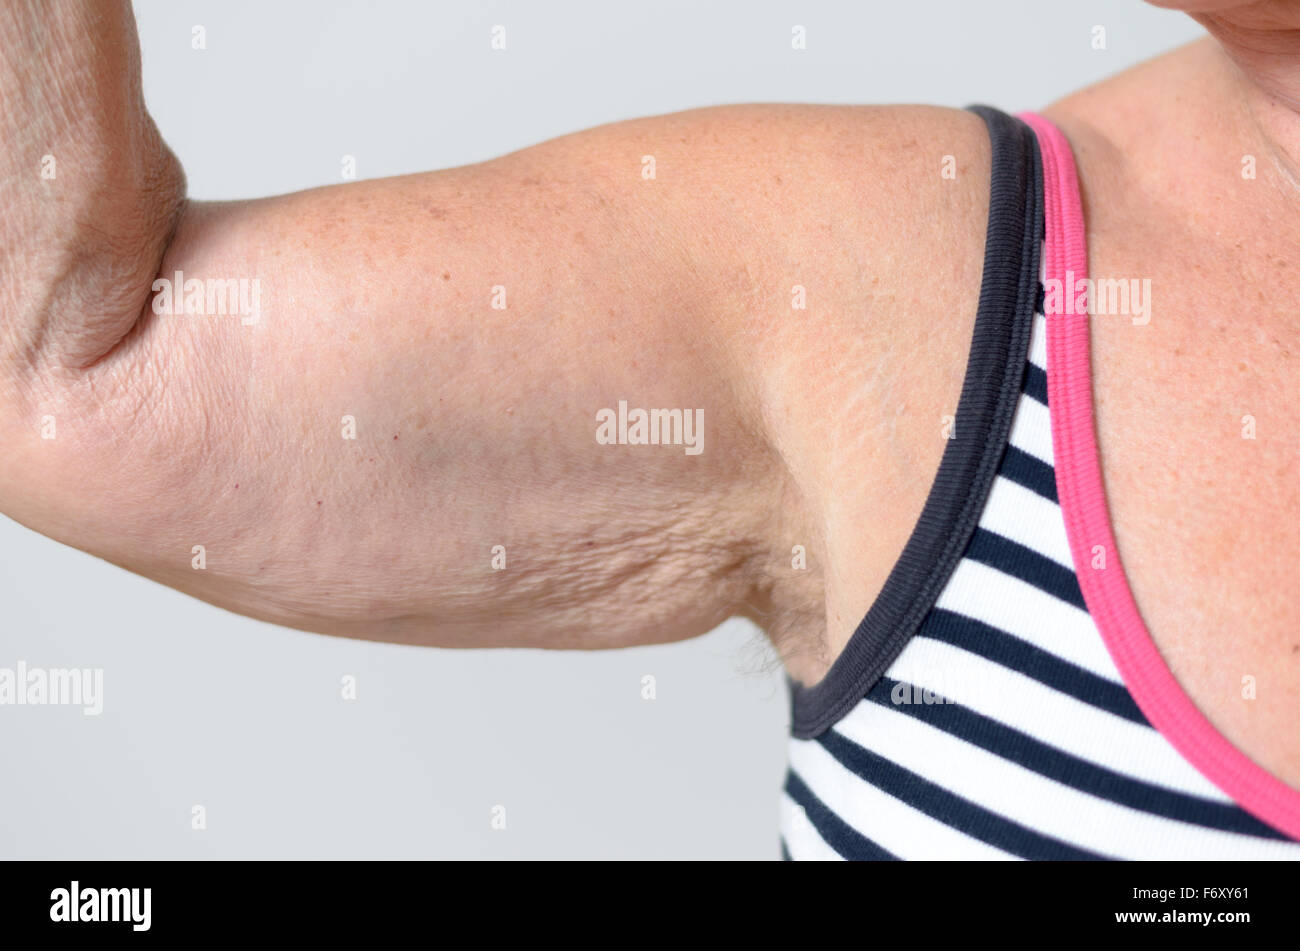 Cerrar los músculos del brazo y axilas de una mujer de mediana edad ...